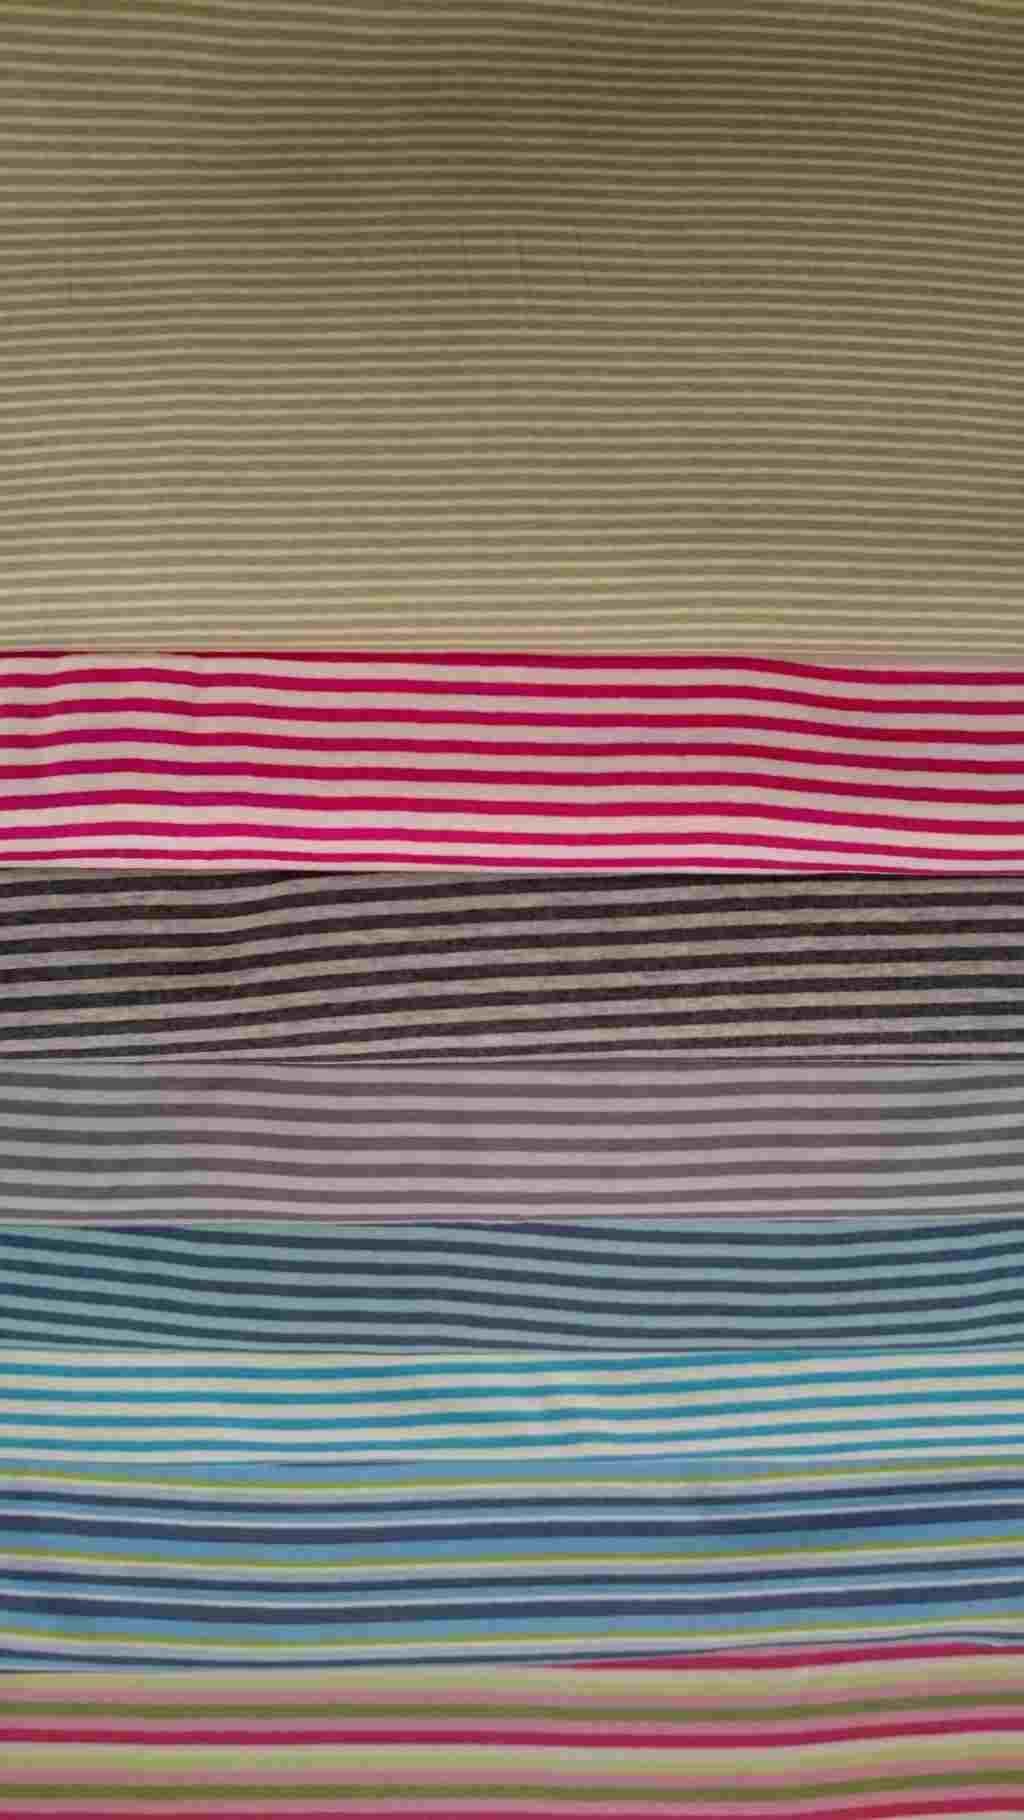 Neue Westfalenstoffe bei #KreativPLUS eingetroffen! Baumwolle, Feinripp- und Interlock-Jersey in schönen Mustern und einer tollen Qualität! Westfalenstoff eben ;-)  Bild 4 von 5